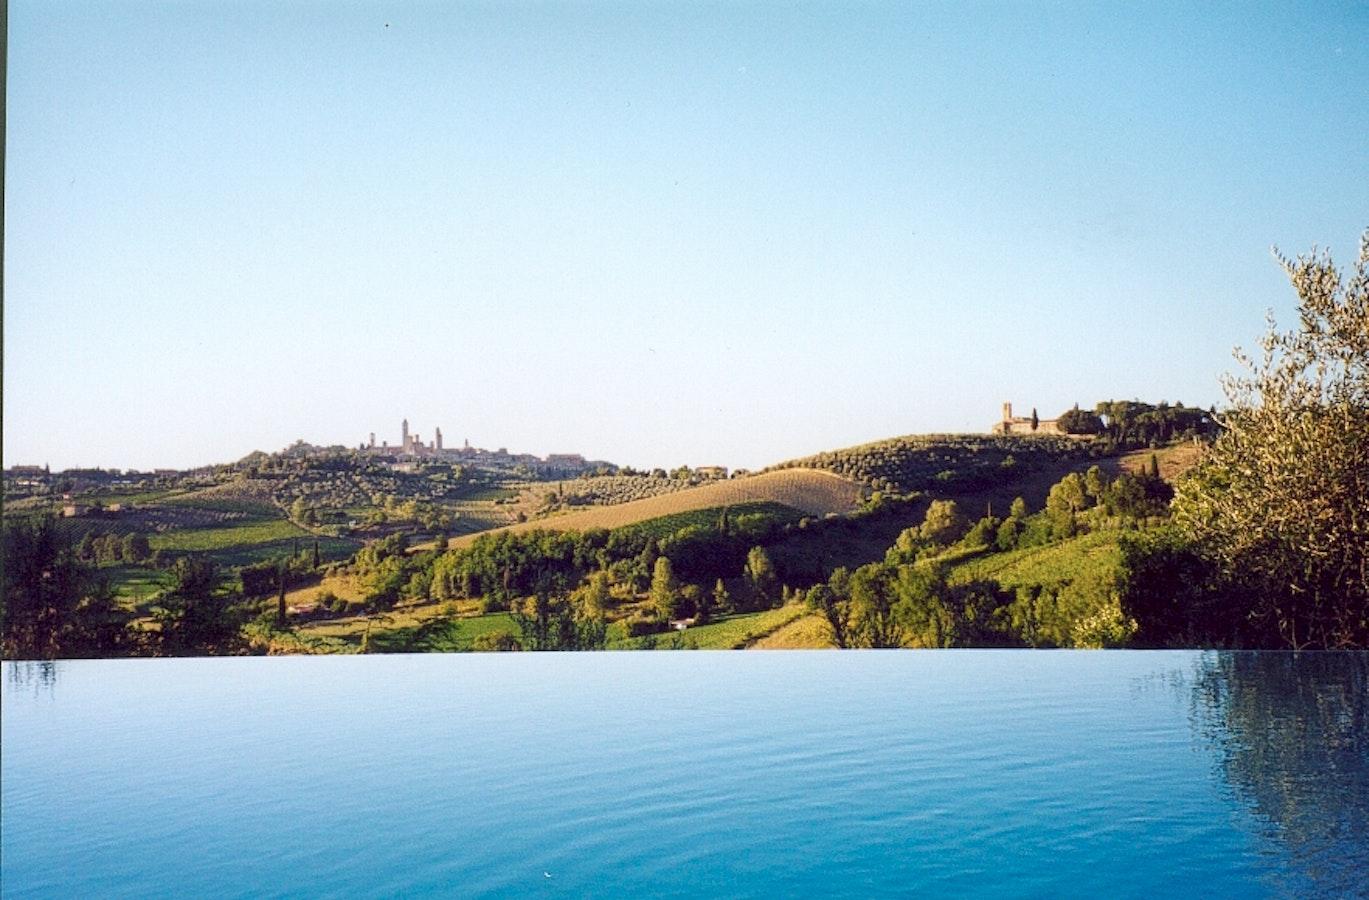 Agriturismo poggiacolle camere ed appartamenti in agriturismo a san gimignano - Agriturismo san gimignano con piscina ...